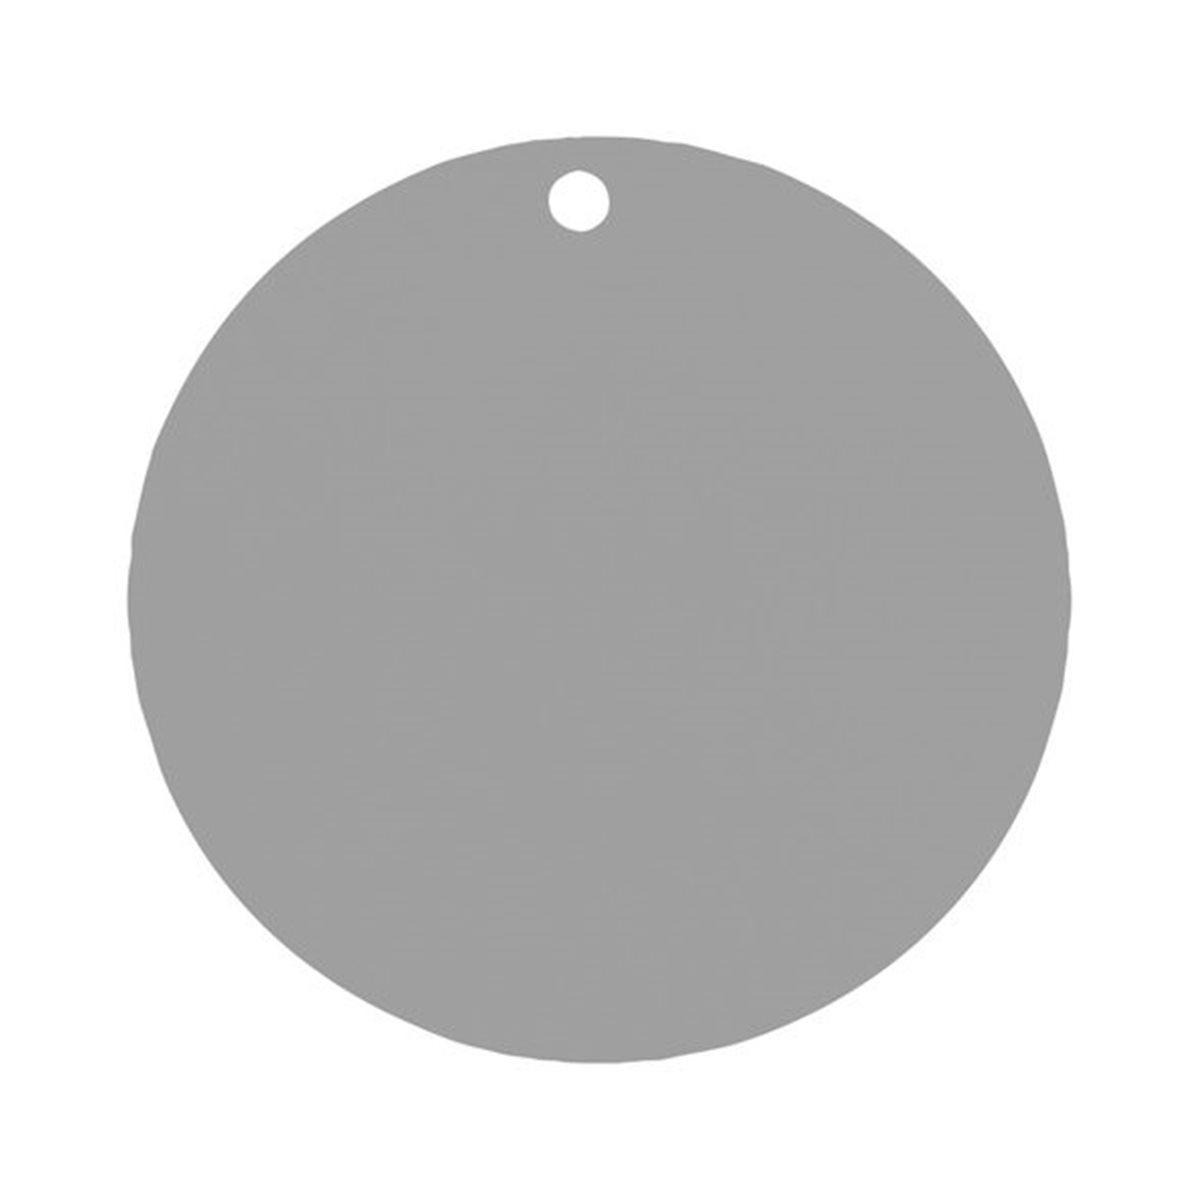 Etiquette Dragées Ronde x10 - Gris